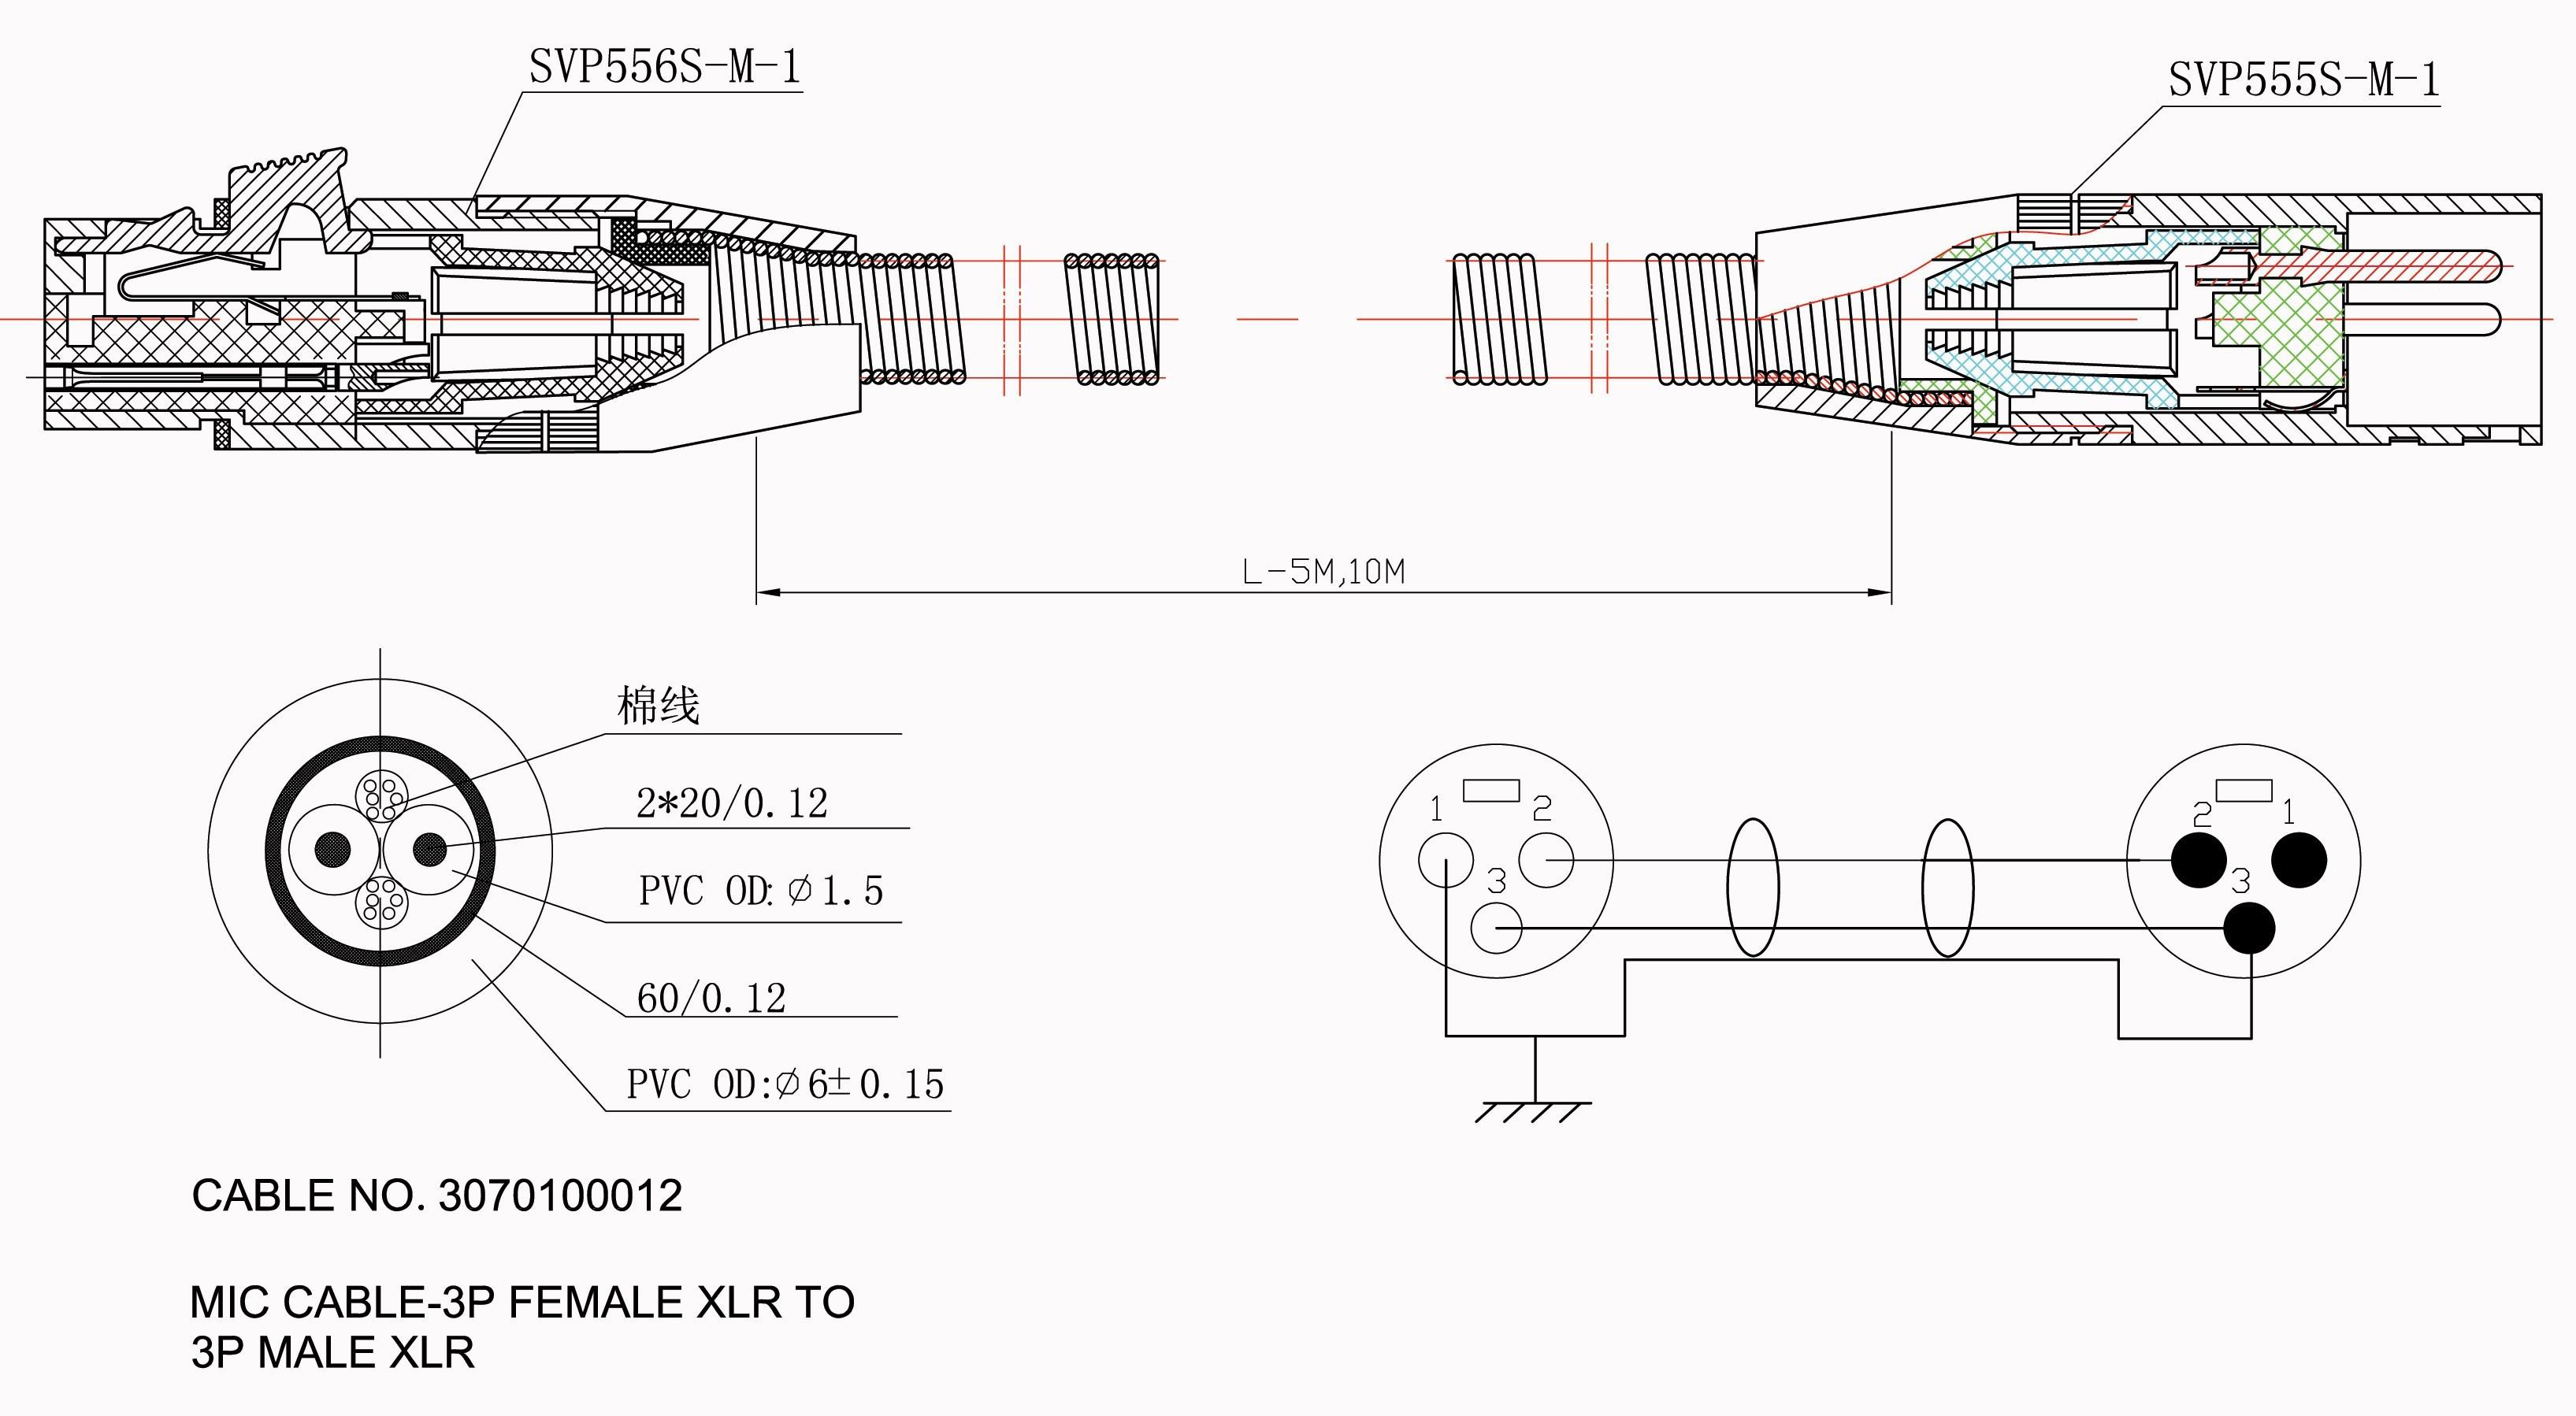 Wiring Diagram Whirlpool Dryer Rate Wiring Diagram Appliance Dryer New Wiring Diagram Dryer & Whirlpool